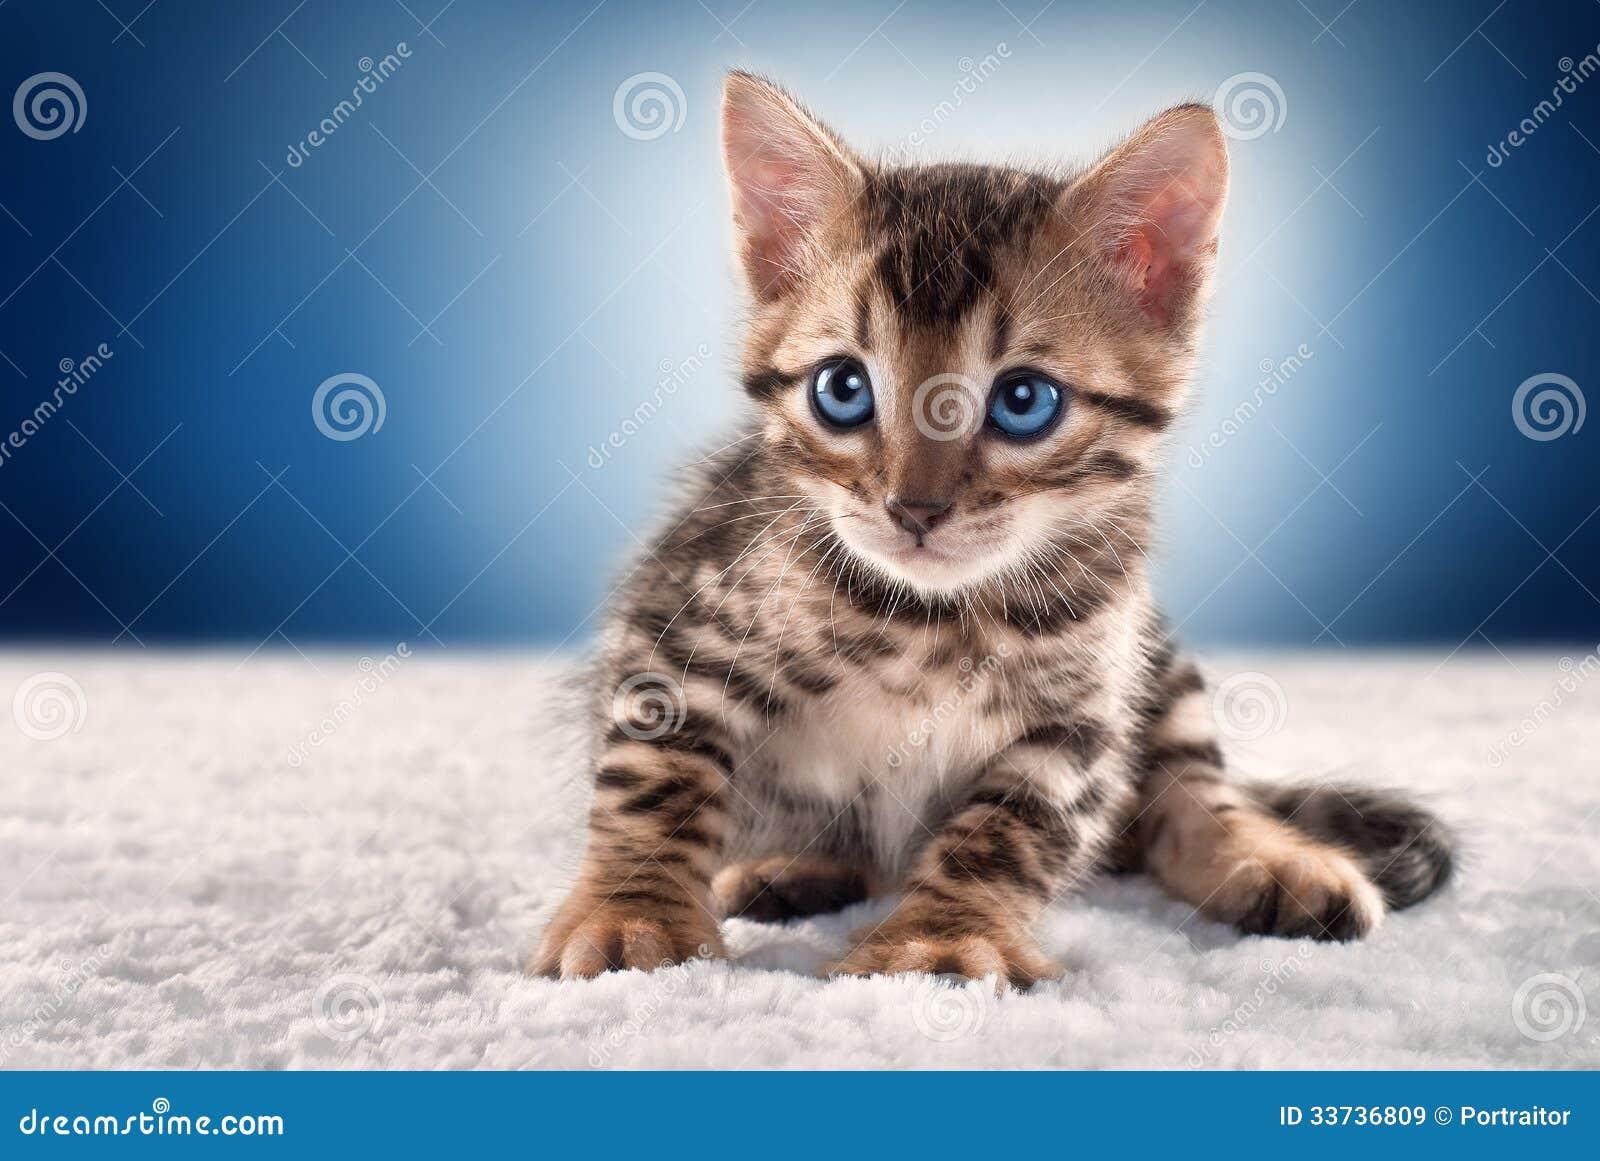 Котенок Бенгалии на голубой предпосылке